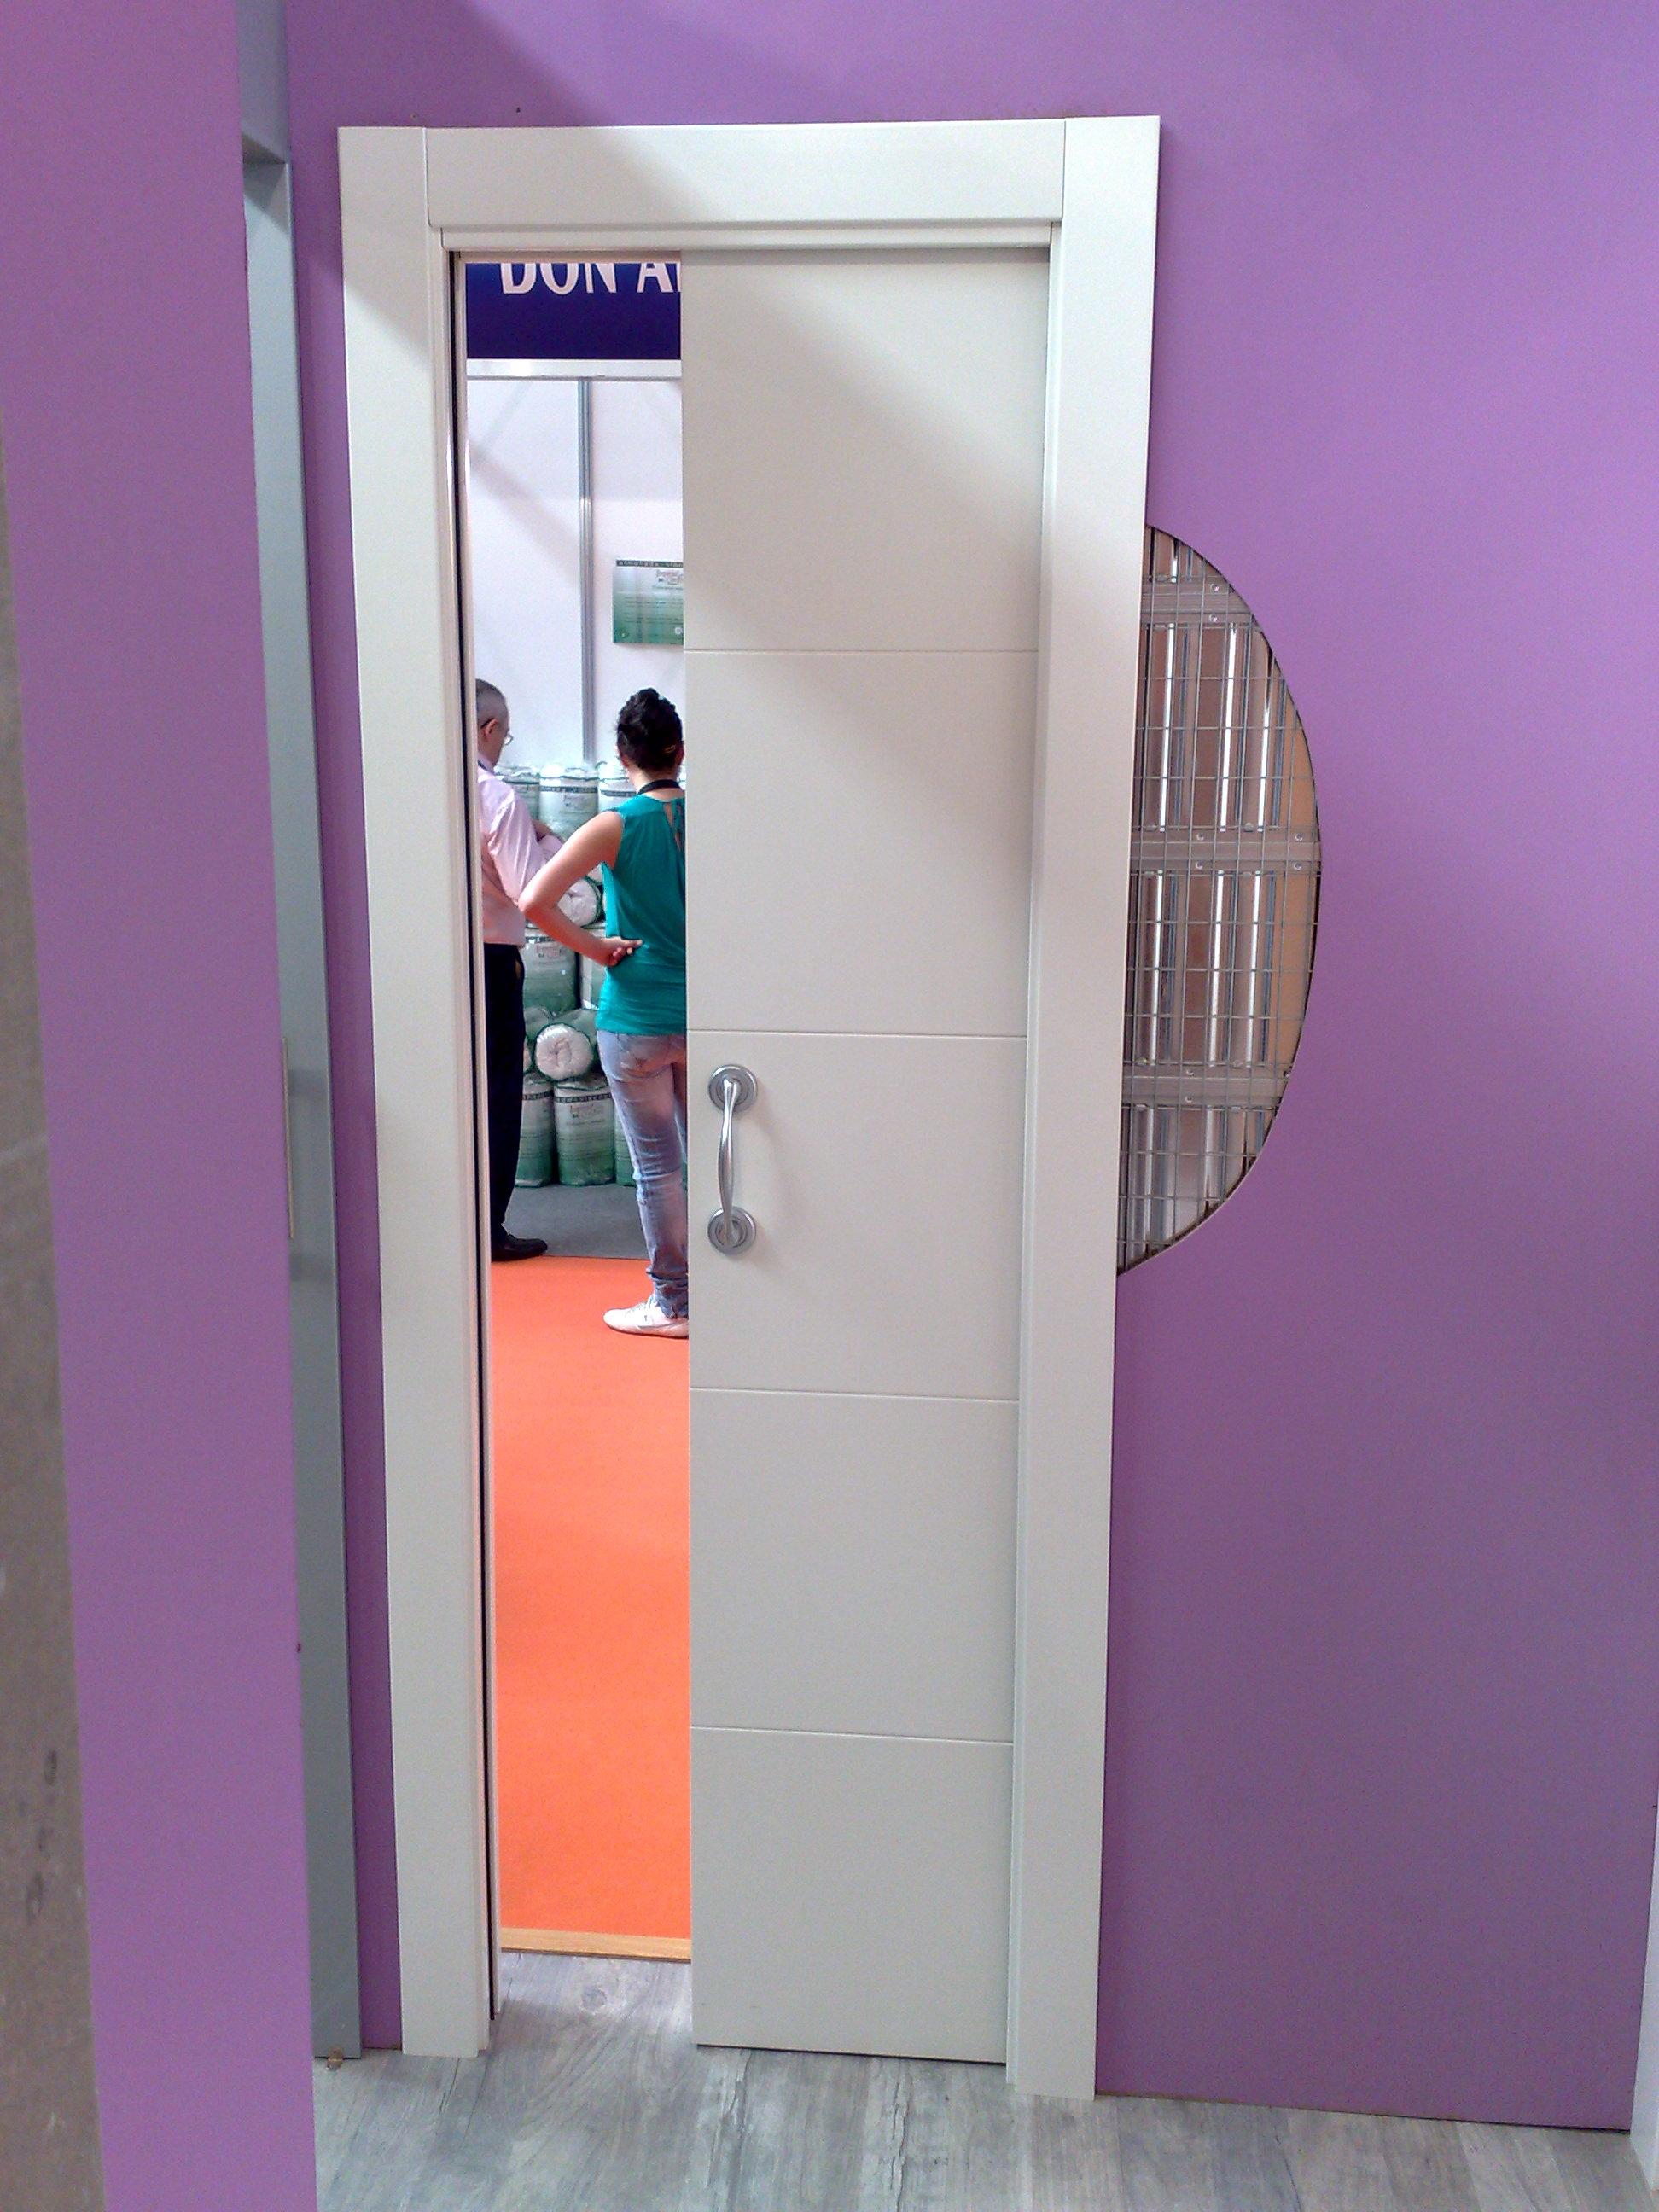 Casoneto puerta corredera precio best pc puerta corredera - Casoneto puerta corredera ...